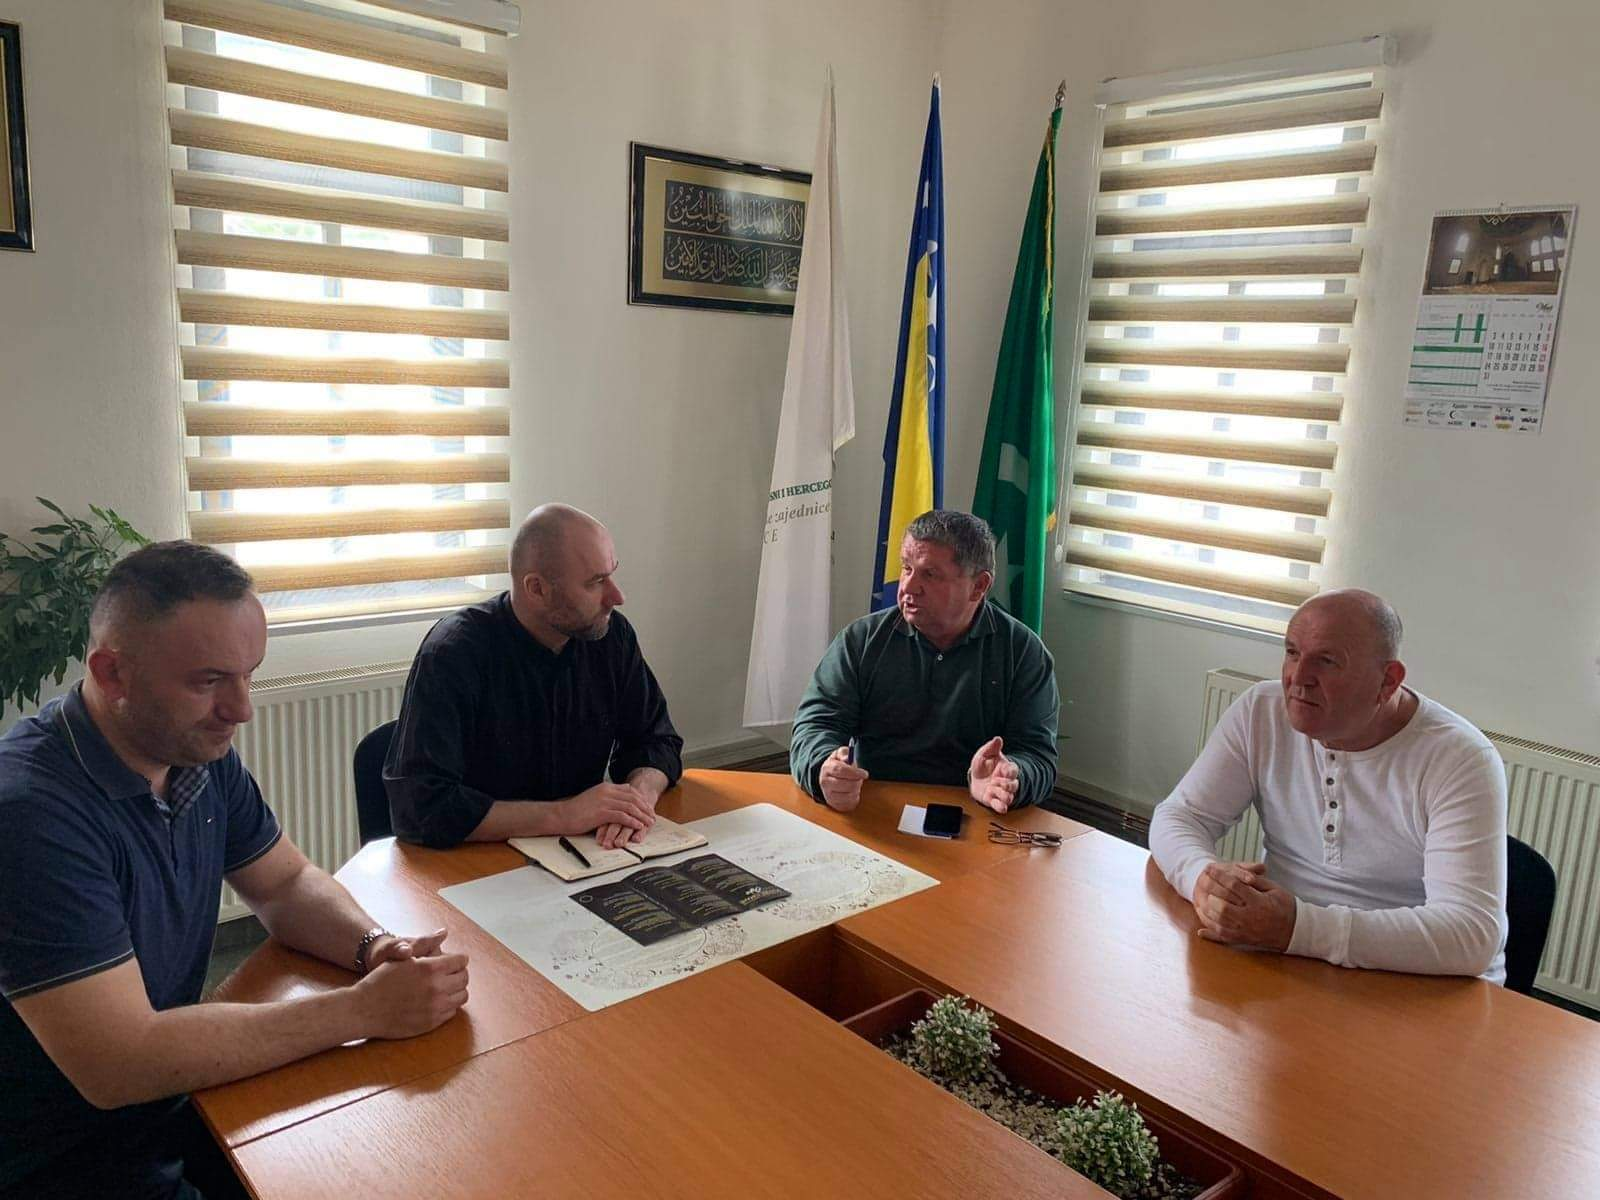 Obilježavanje 29. godišnjice stradanja Bošnjaka u Jezeru kod Jajca